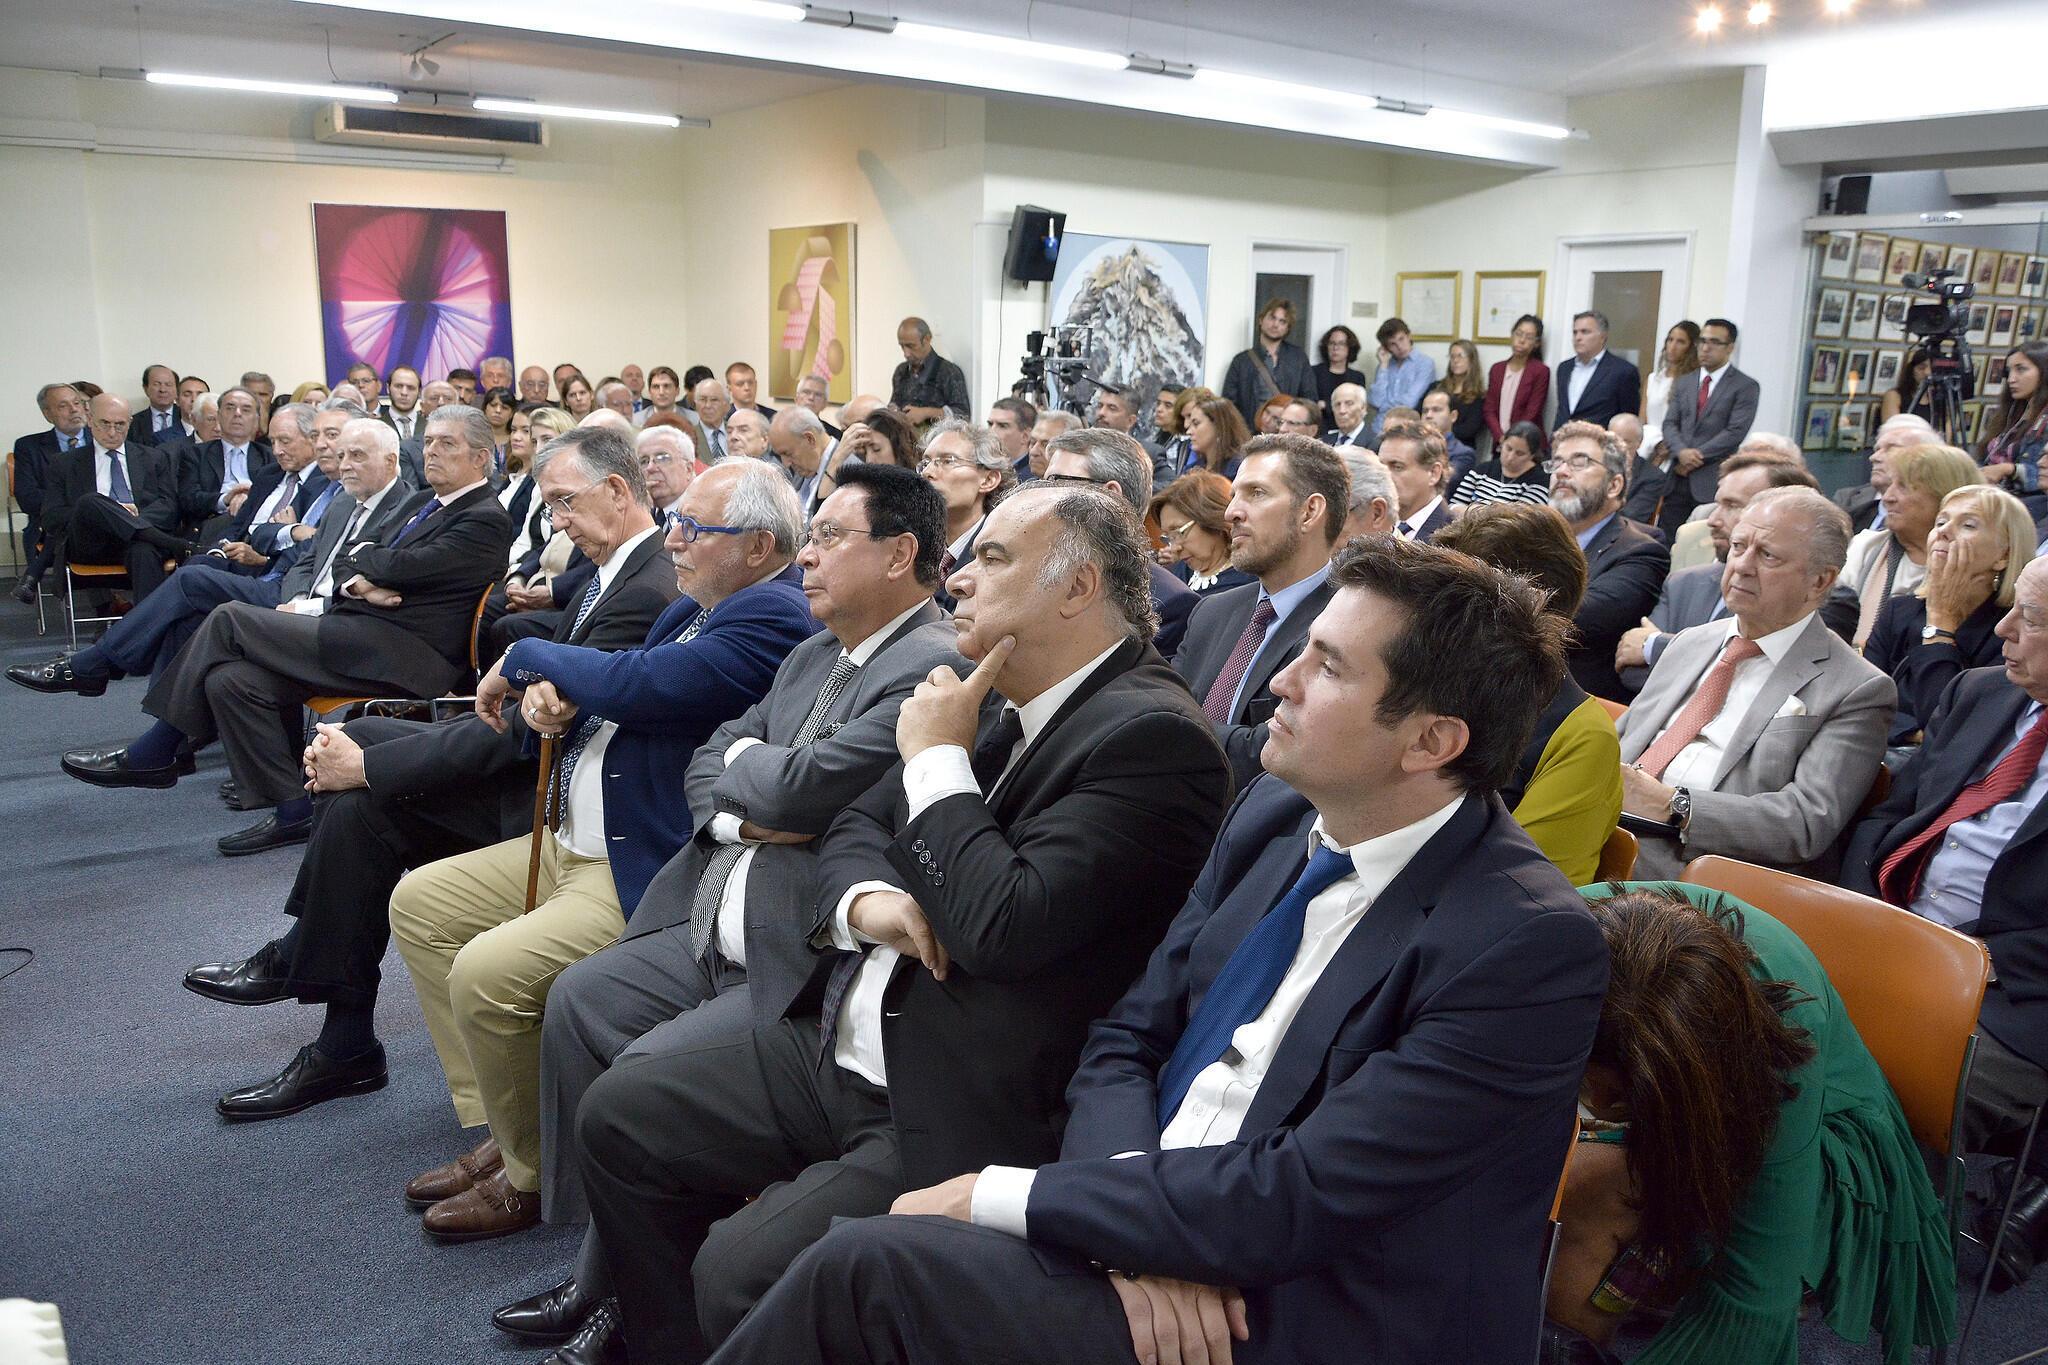 Plateia de diplomatas e acadêmicos que esteve no Conselho Argentino para as Relações Internacionais (Cari) para ouvir o chanceler brasileiro, Ernesto Araújo.